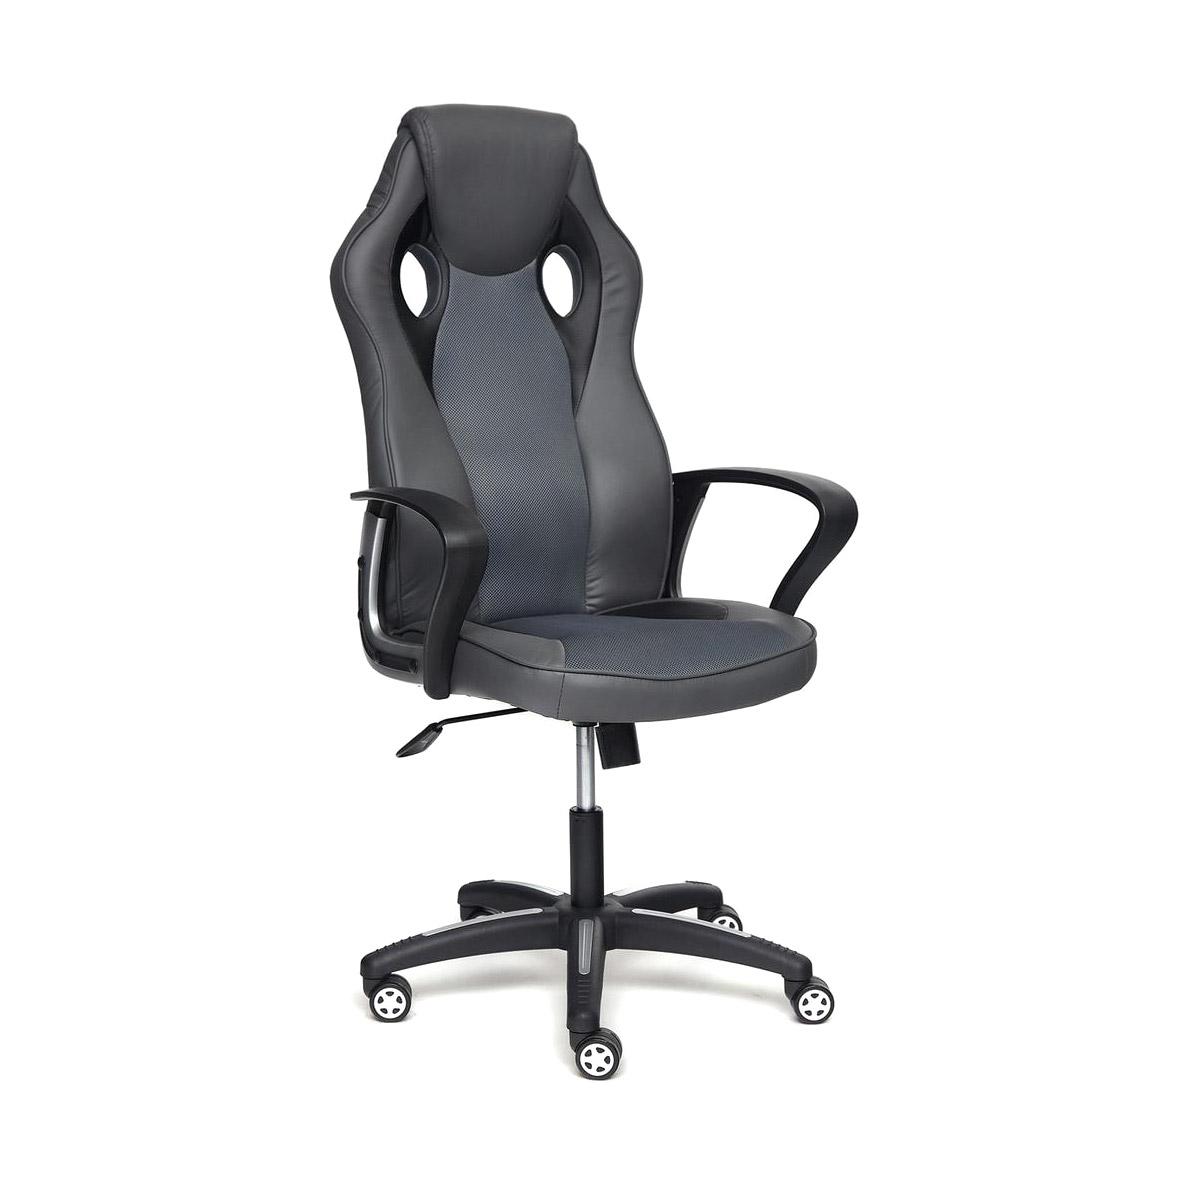 Кресло компьютерное TC металлик/серый 134х67х47 см кресло компьютерное tc черное 95 5х59х57 см